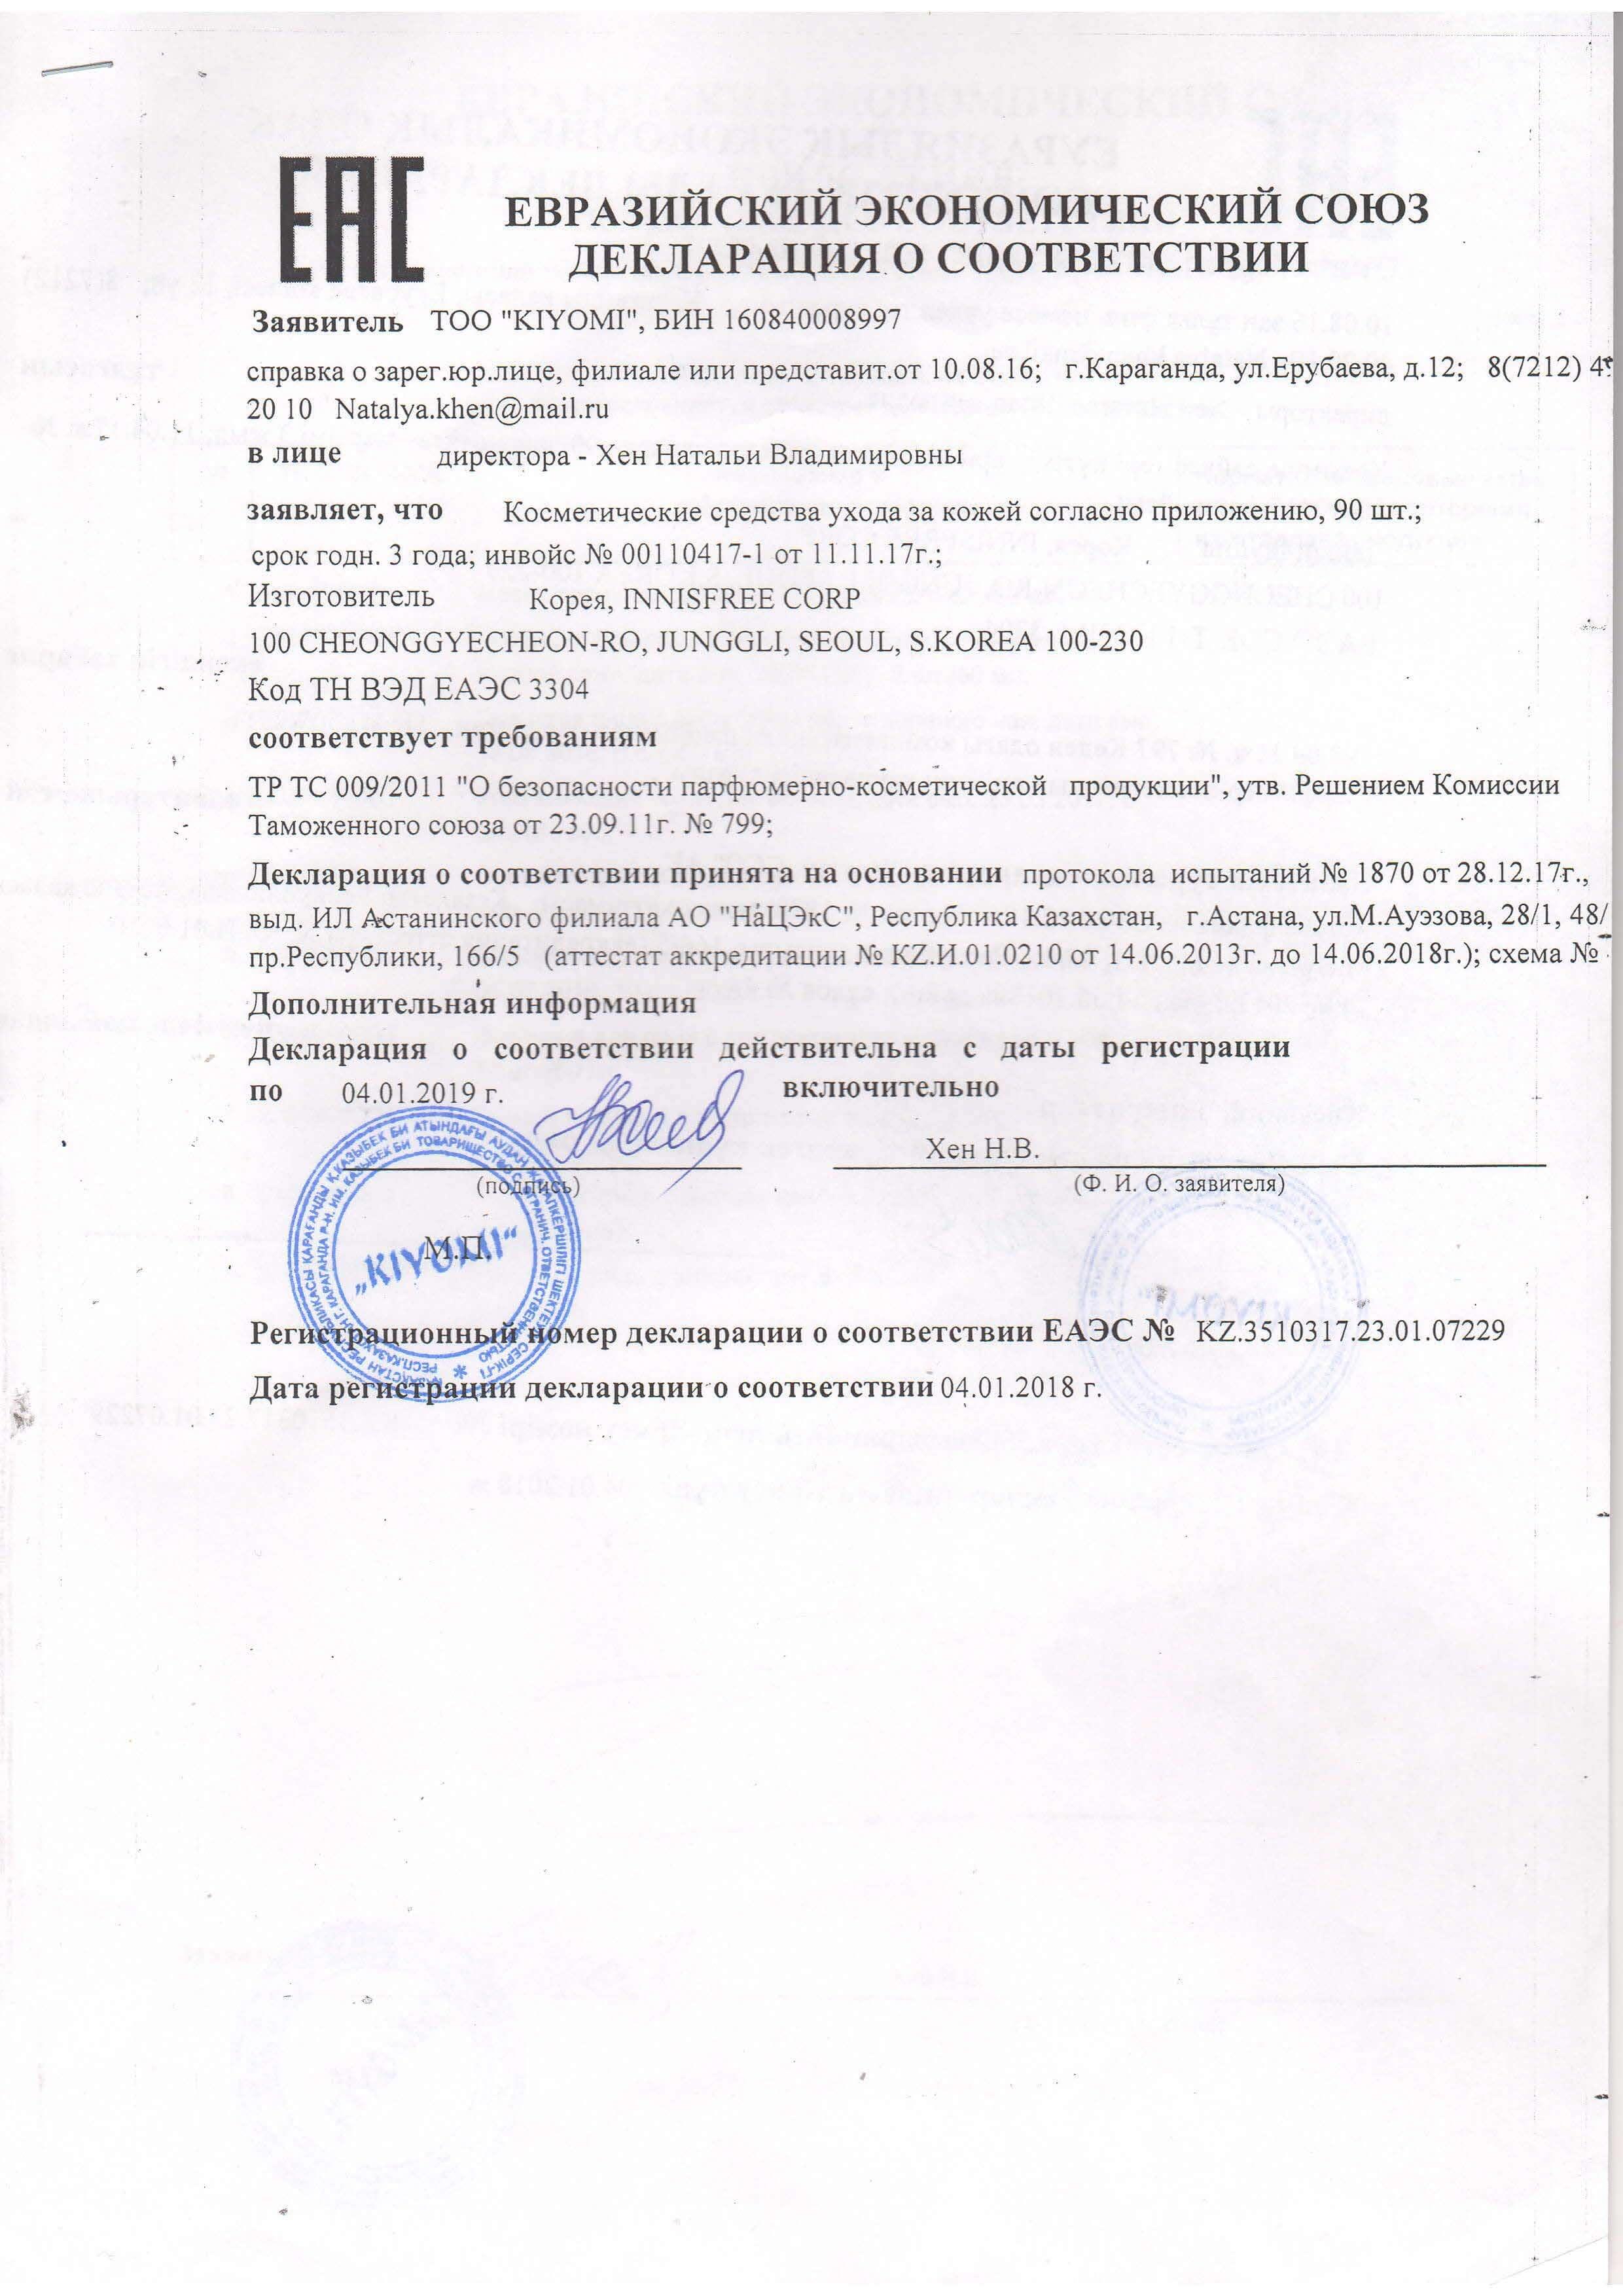 Купить косметику южной кореи в украине как заказать набор в avon